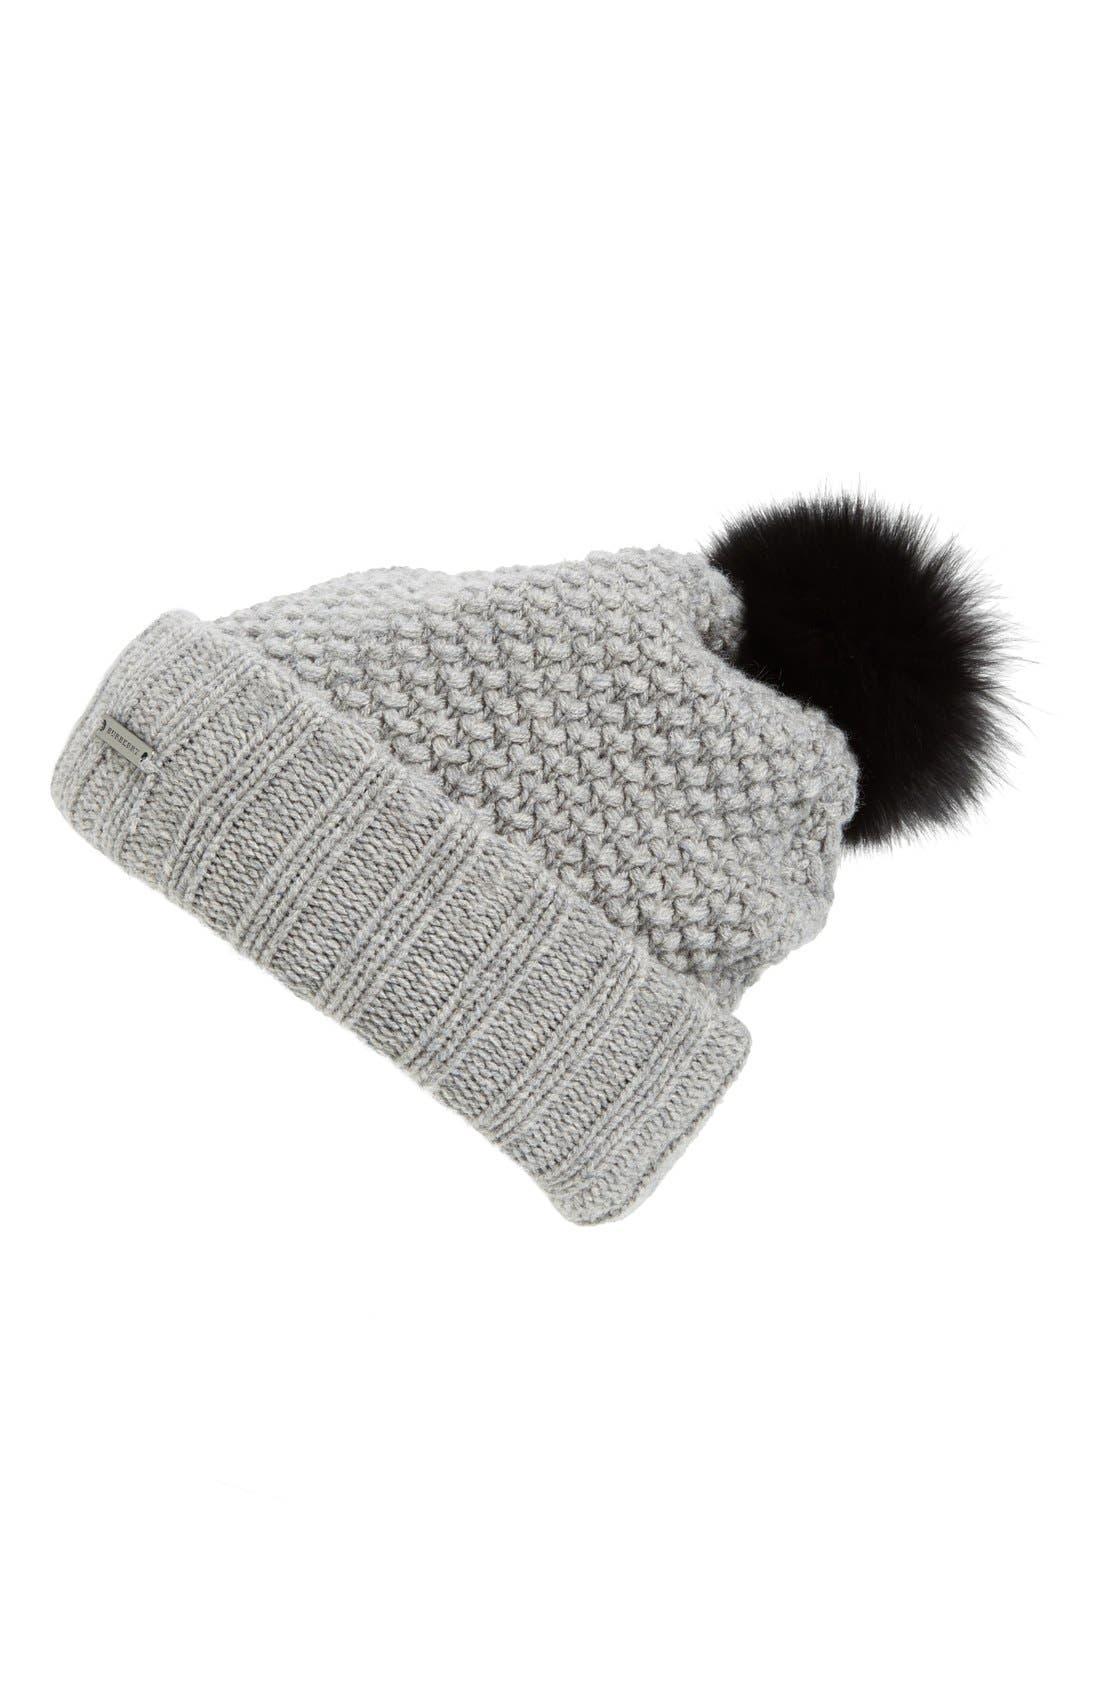 Main Image - Burberry Wool & Cashmere Beanie with Genuine Fox Fur Pom